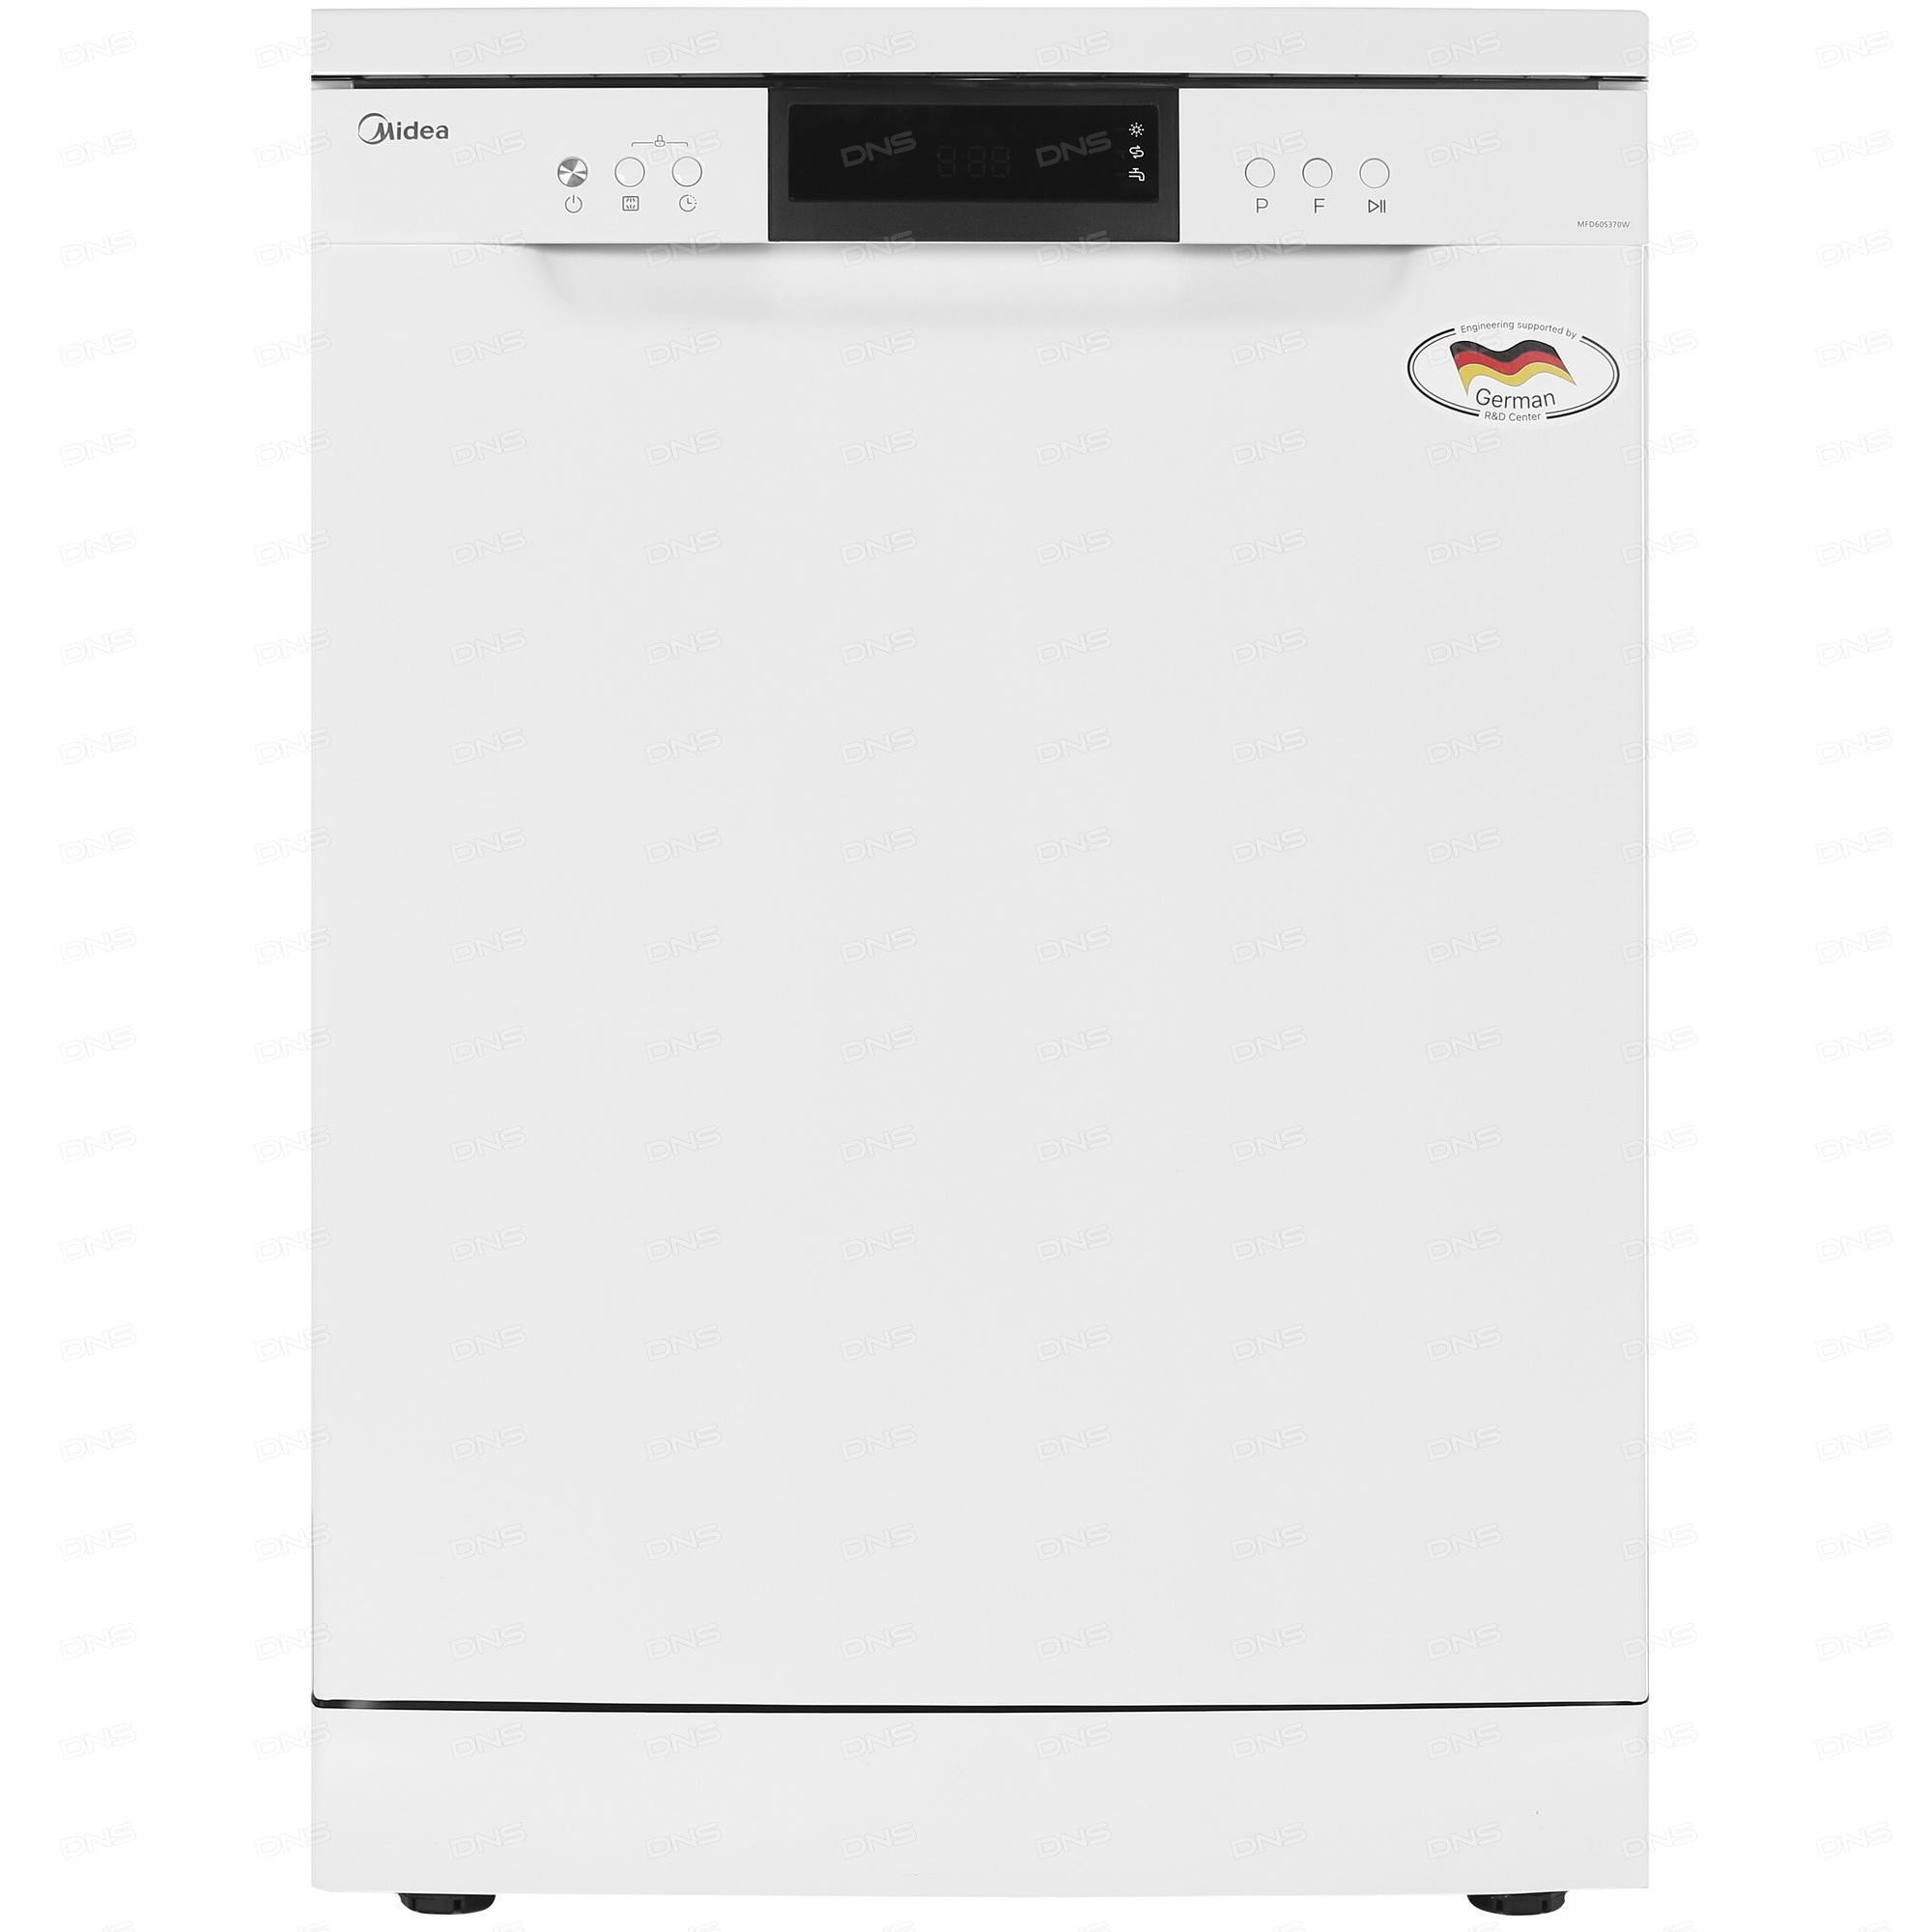 Посудомоечная машина отдельностоящая Midea MFD60S370W